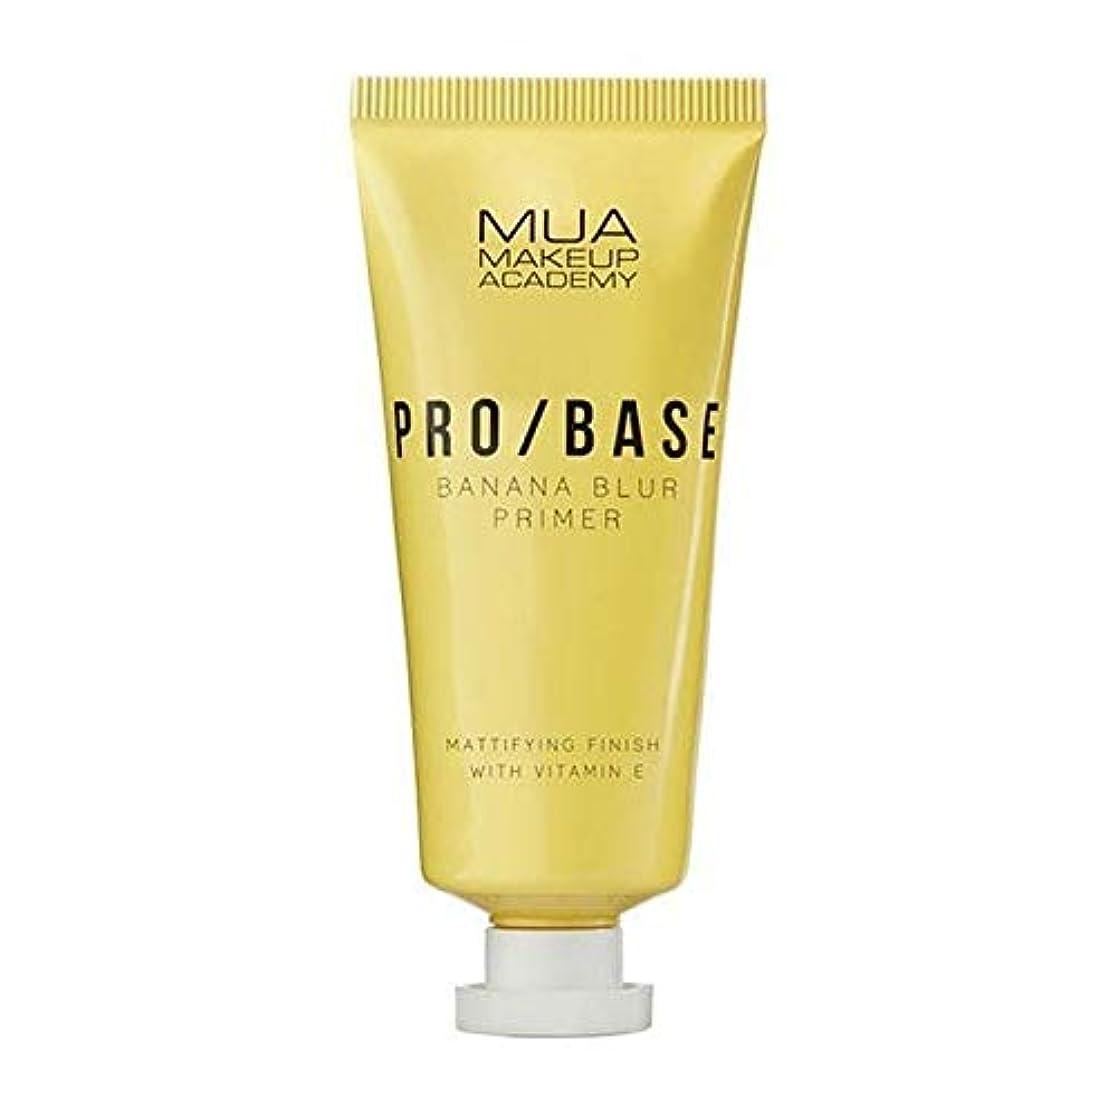 ボタンラメ安西[MUA] Muaプロベースバナナブレプライマー - MUA Pro Base Banana Blur Primer [並行輸入品]